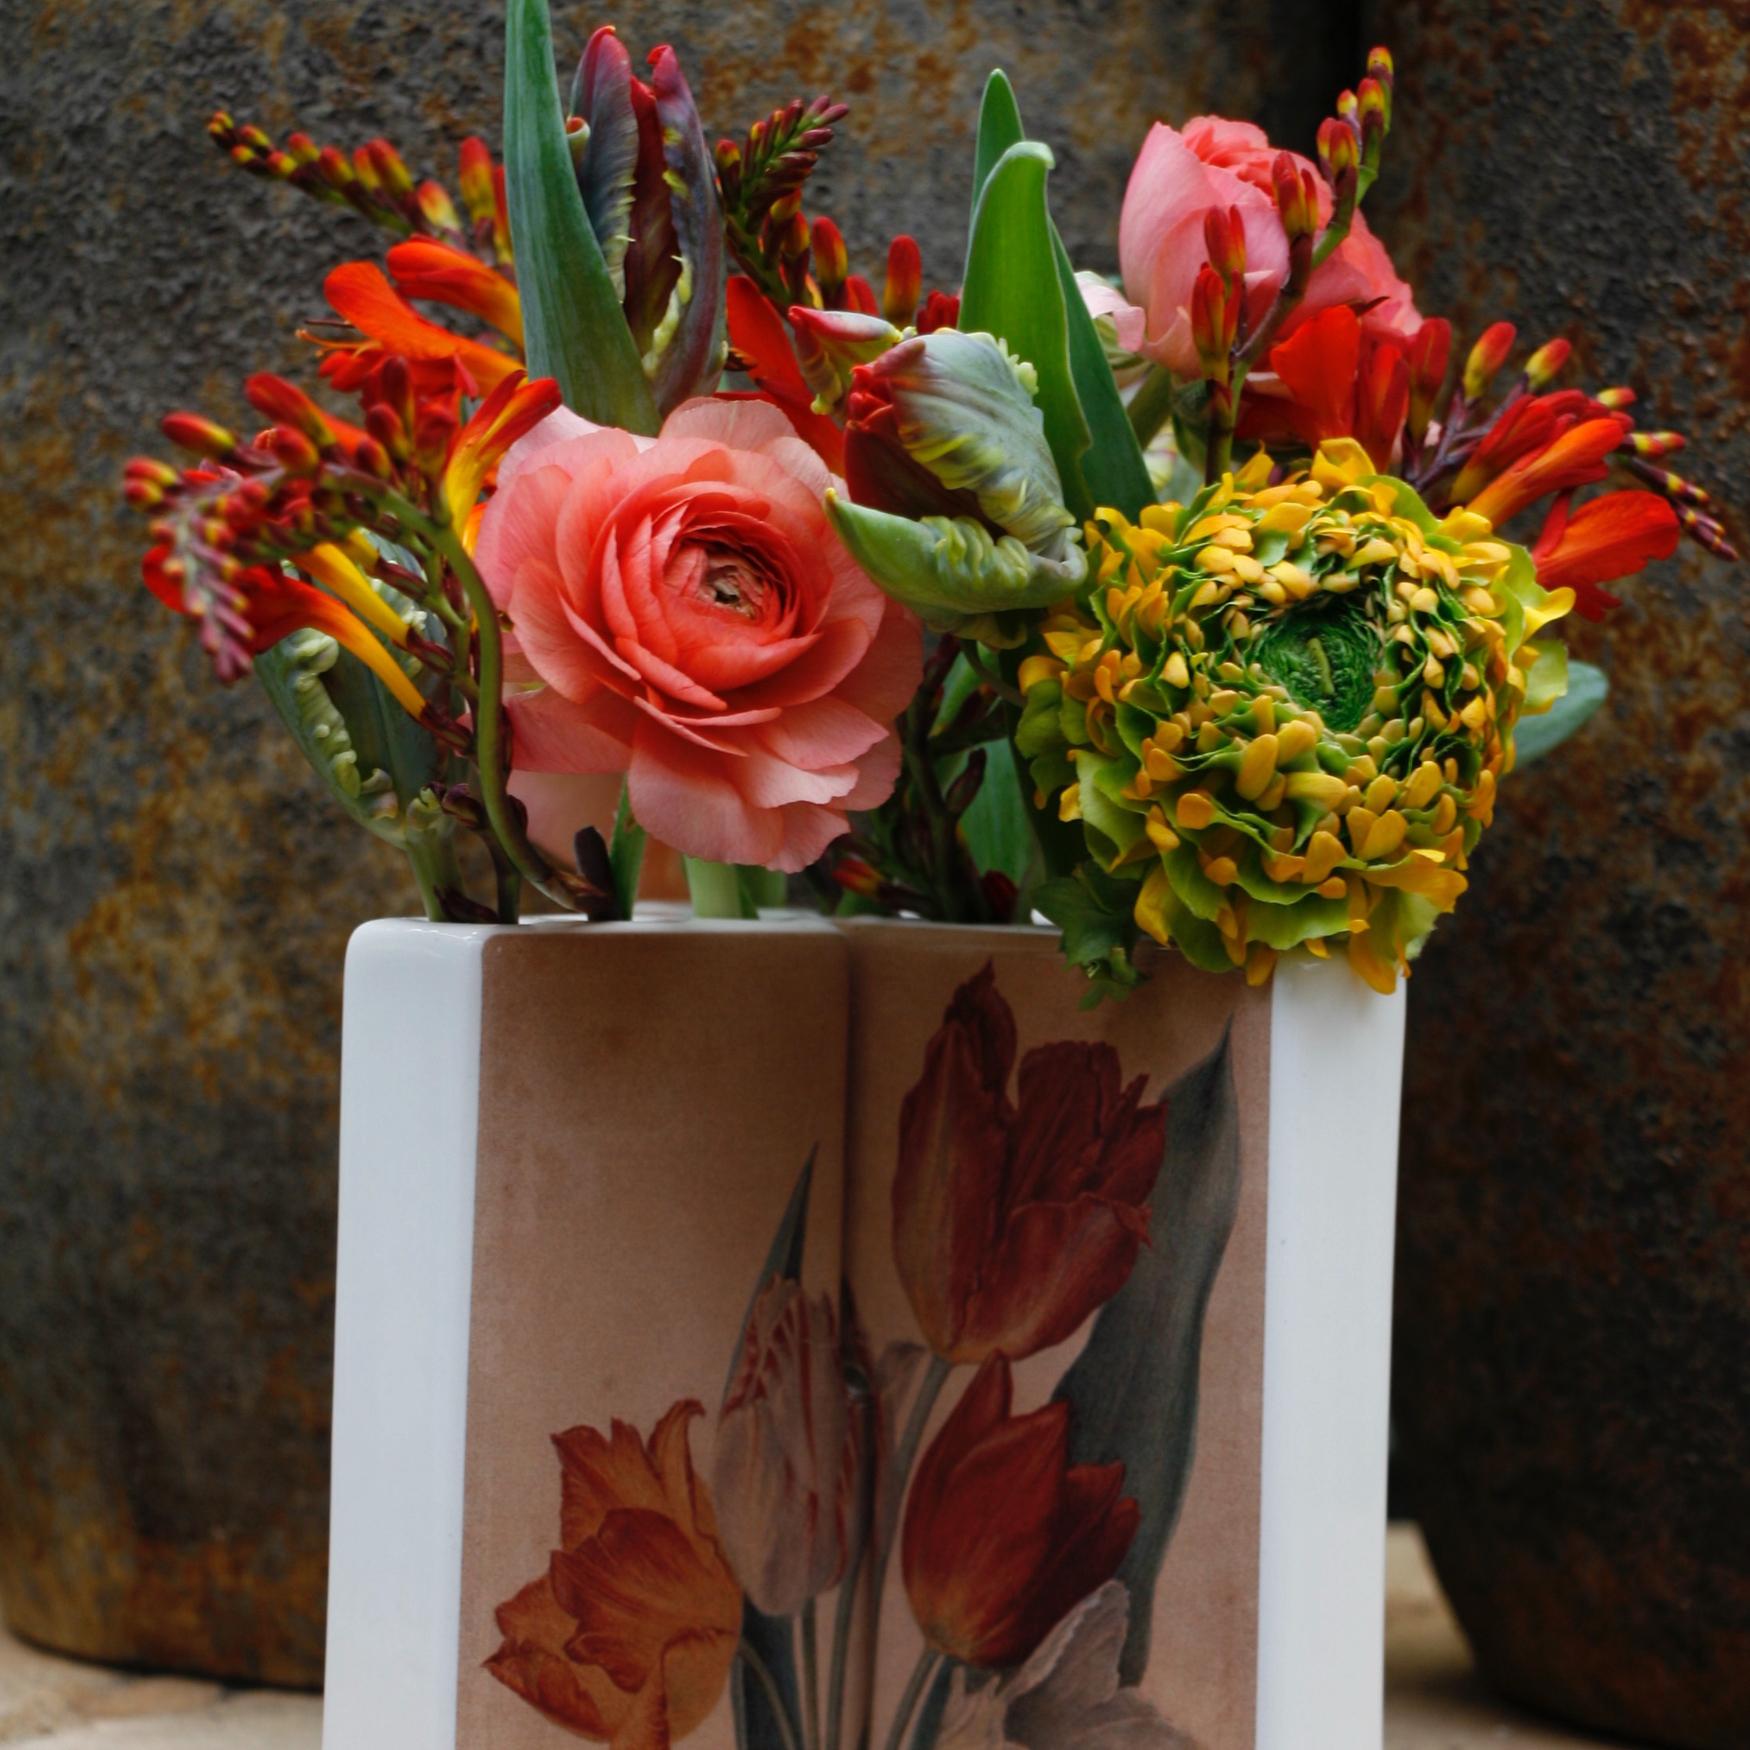 Dianthus-Flowers-Gallery-Vases-1902-15.jpg